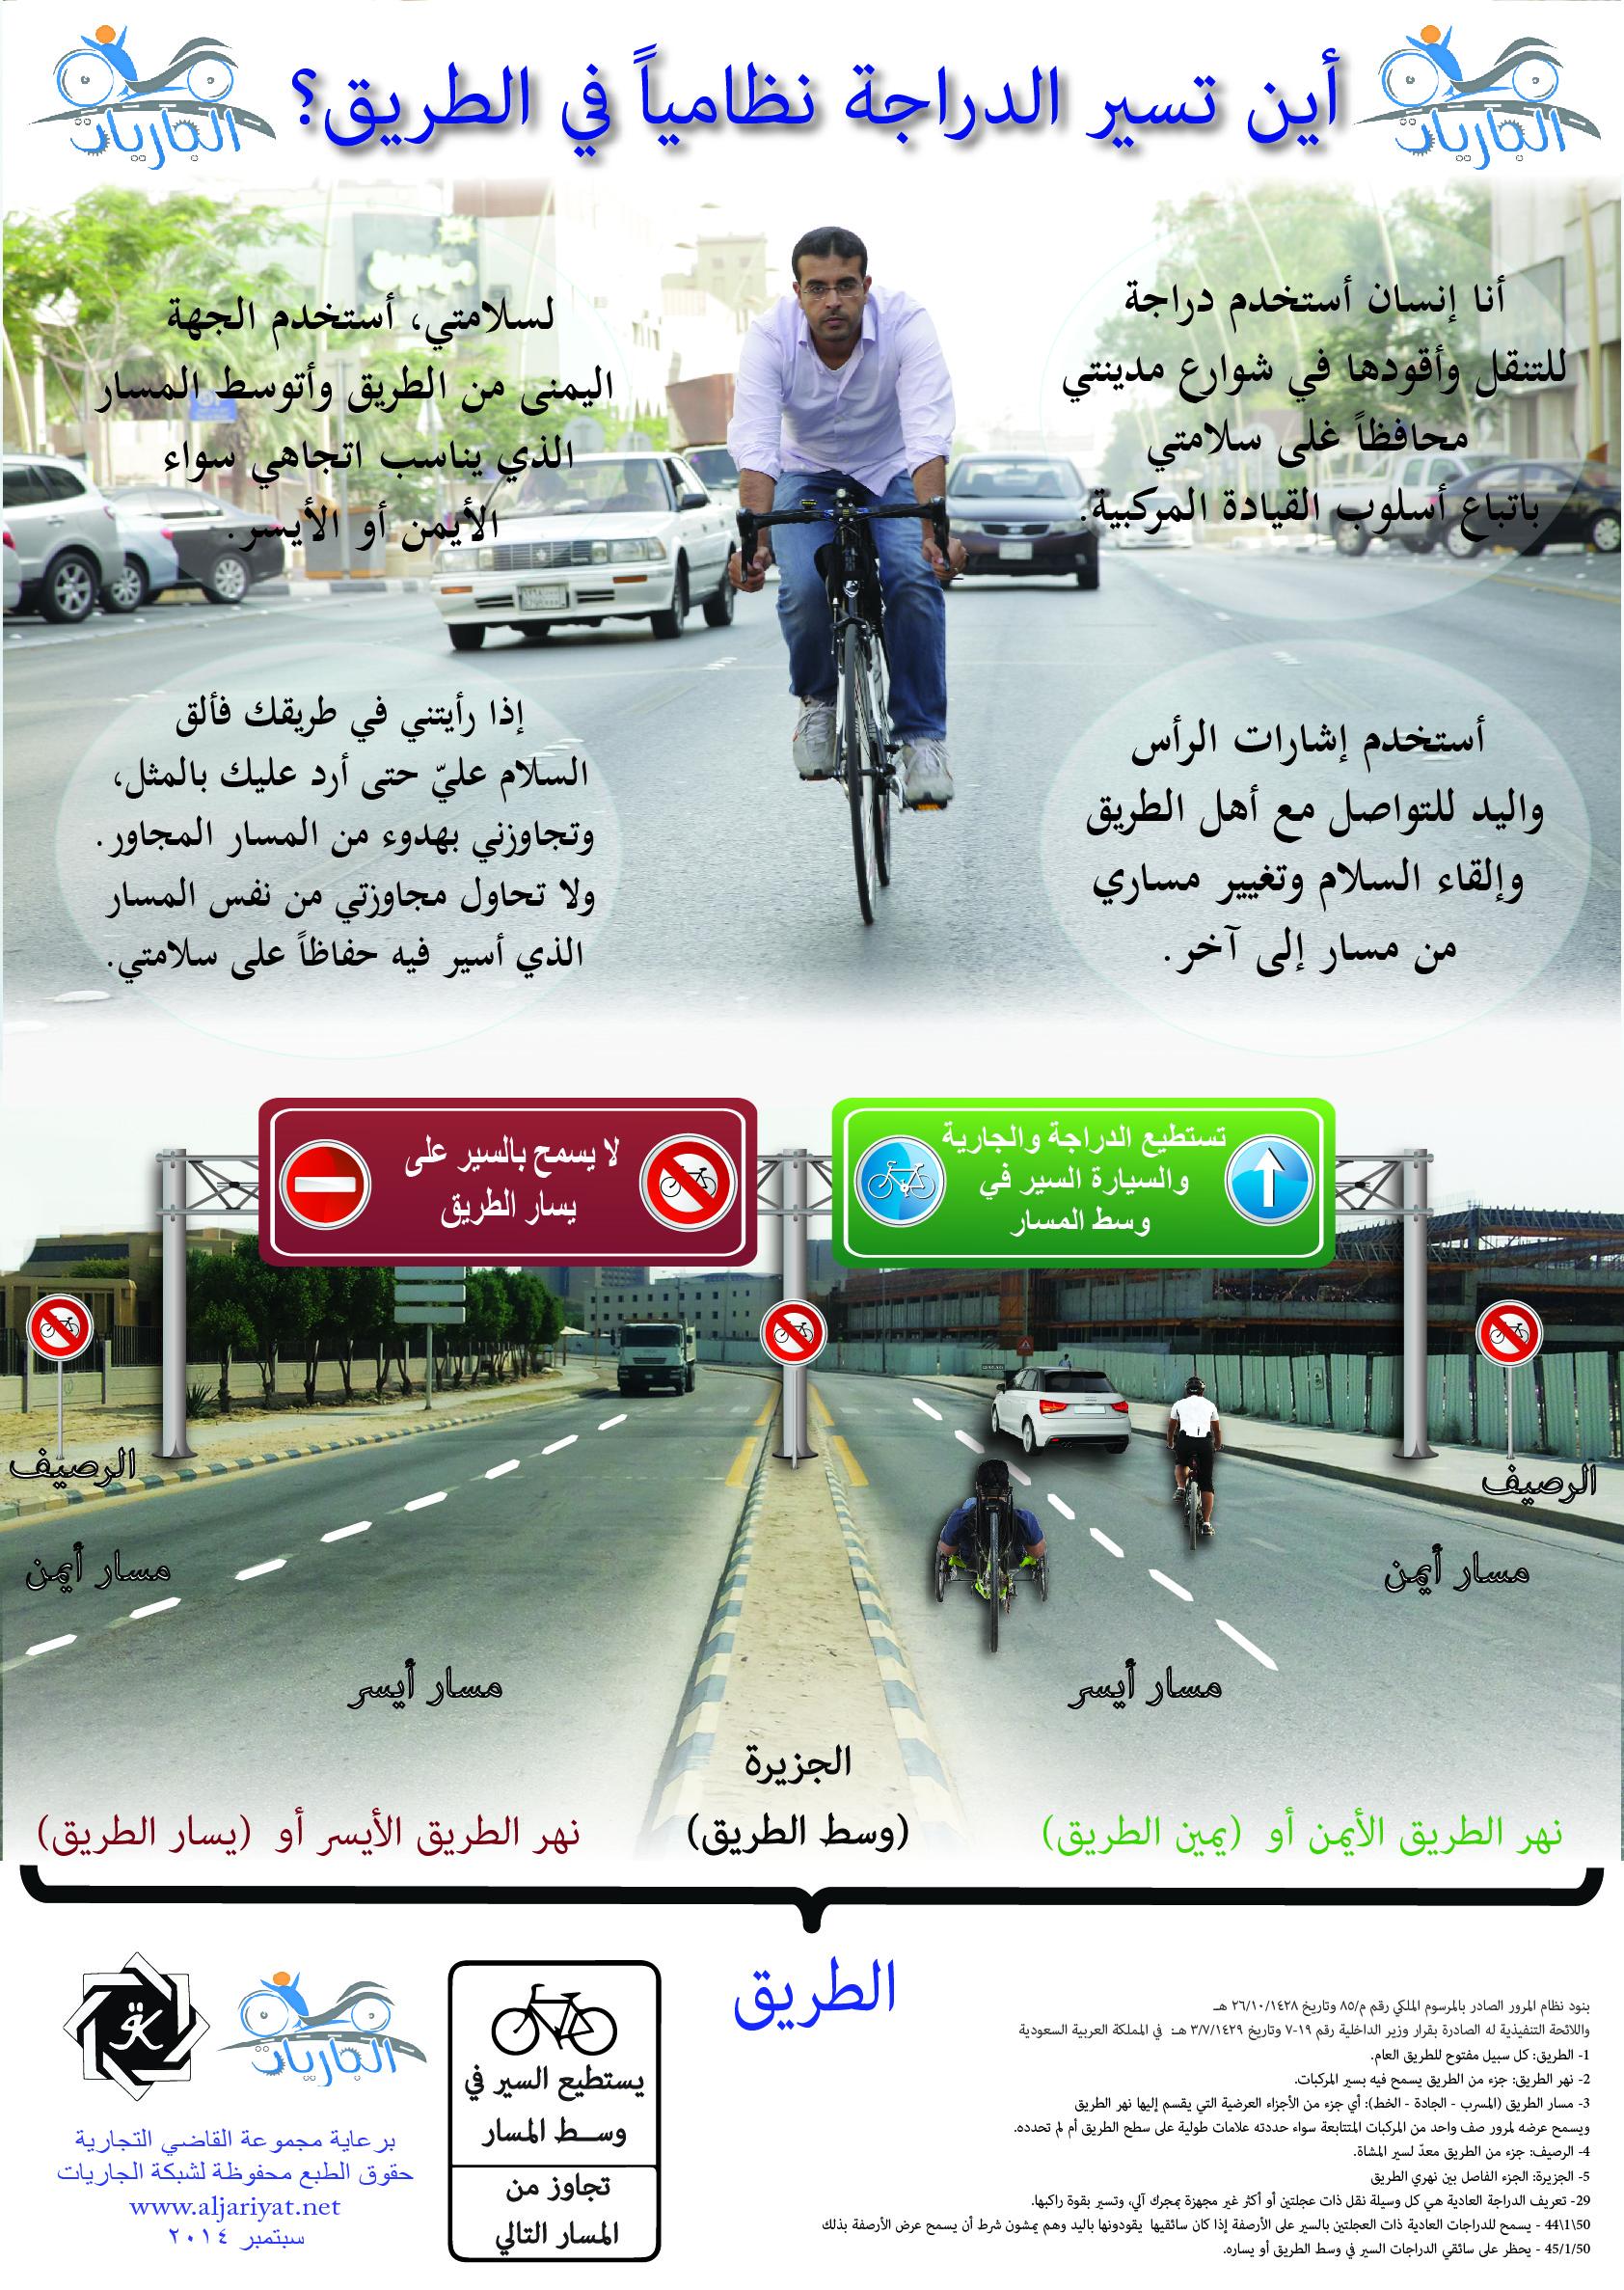 في أي جزء من الطريق تسير الدراجة؟